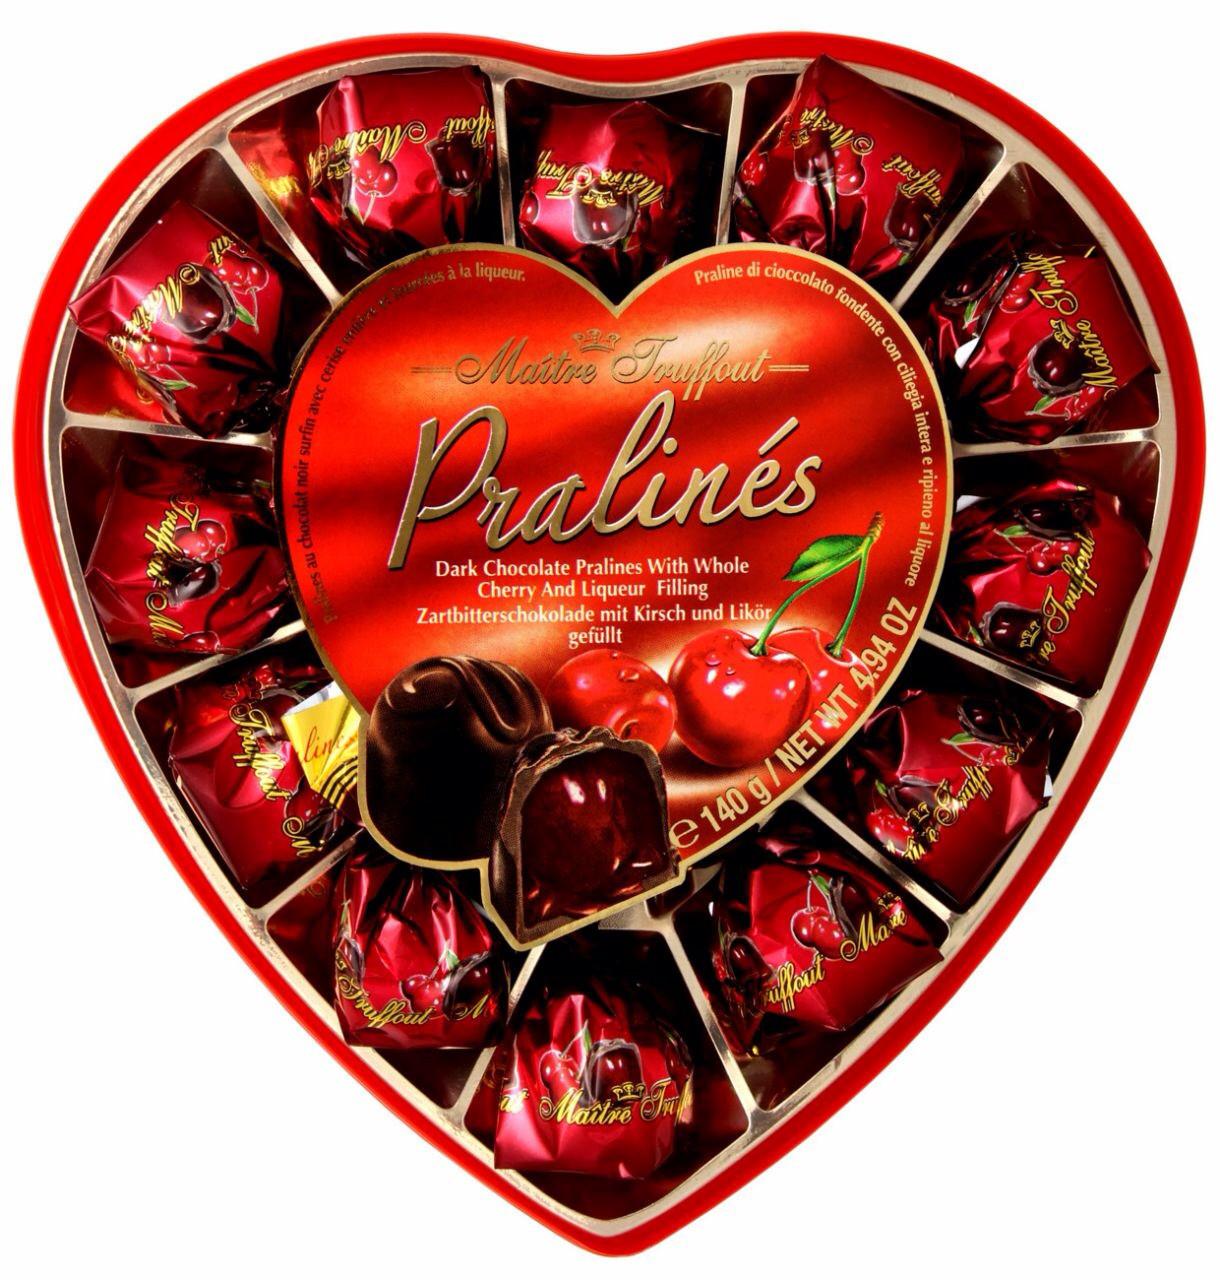 Конфеты Pralines (Пралине вишня с ликером в черном шоколаде) Maitre Truffout Австрия 140г